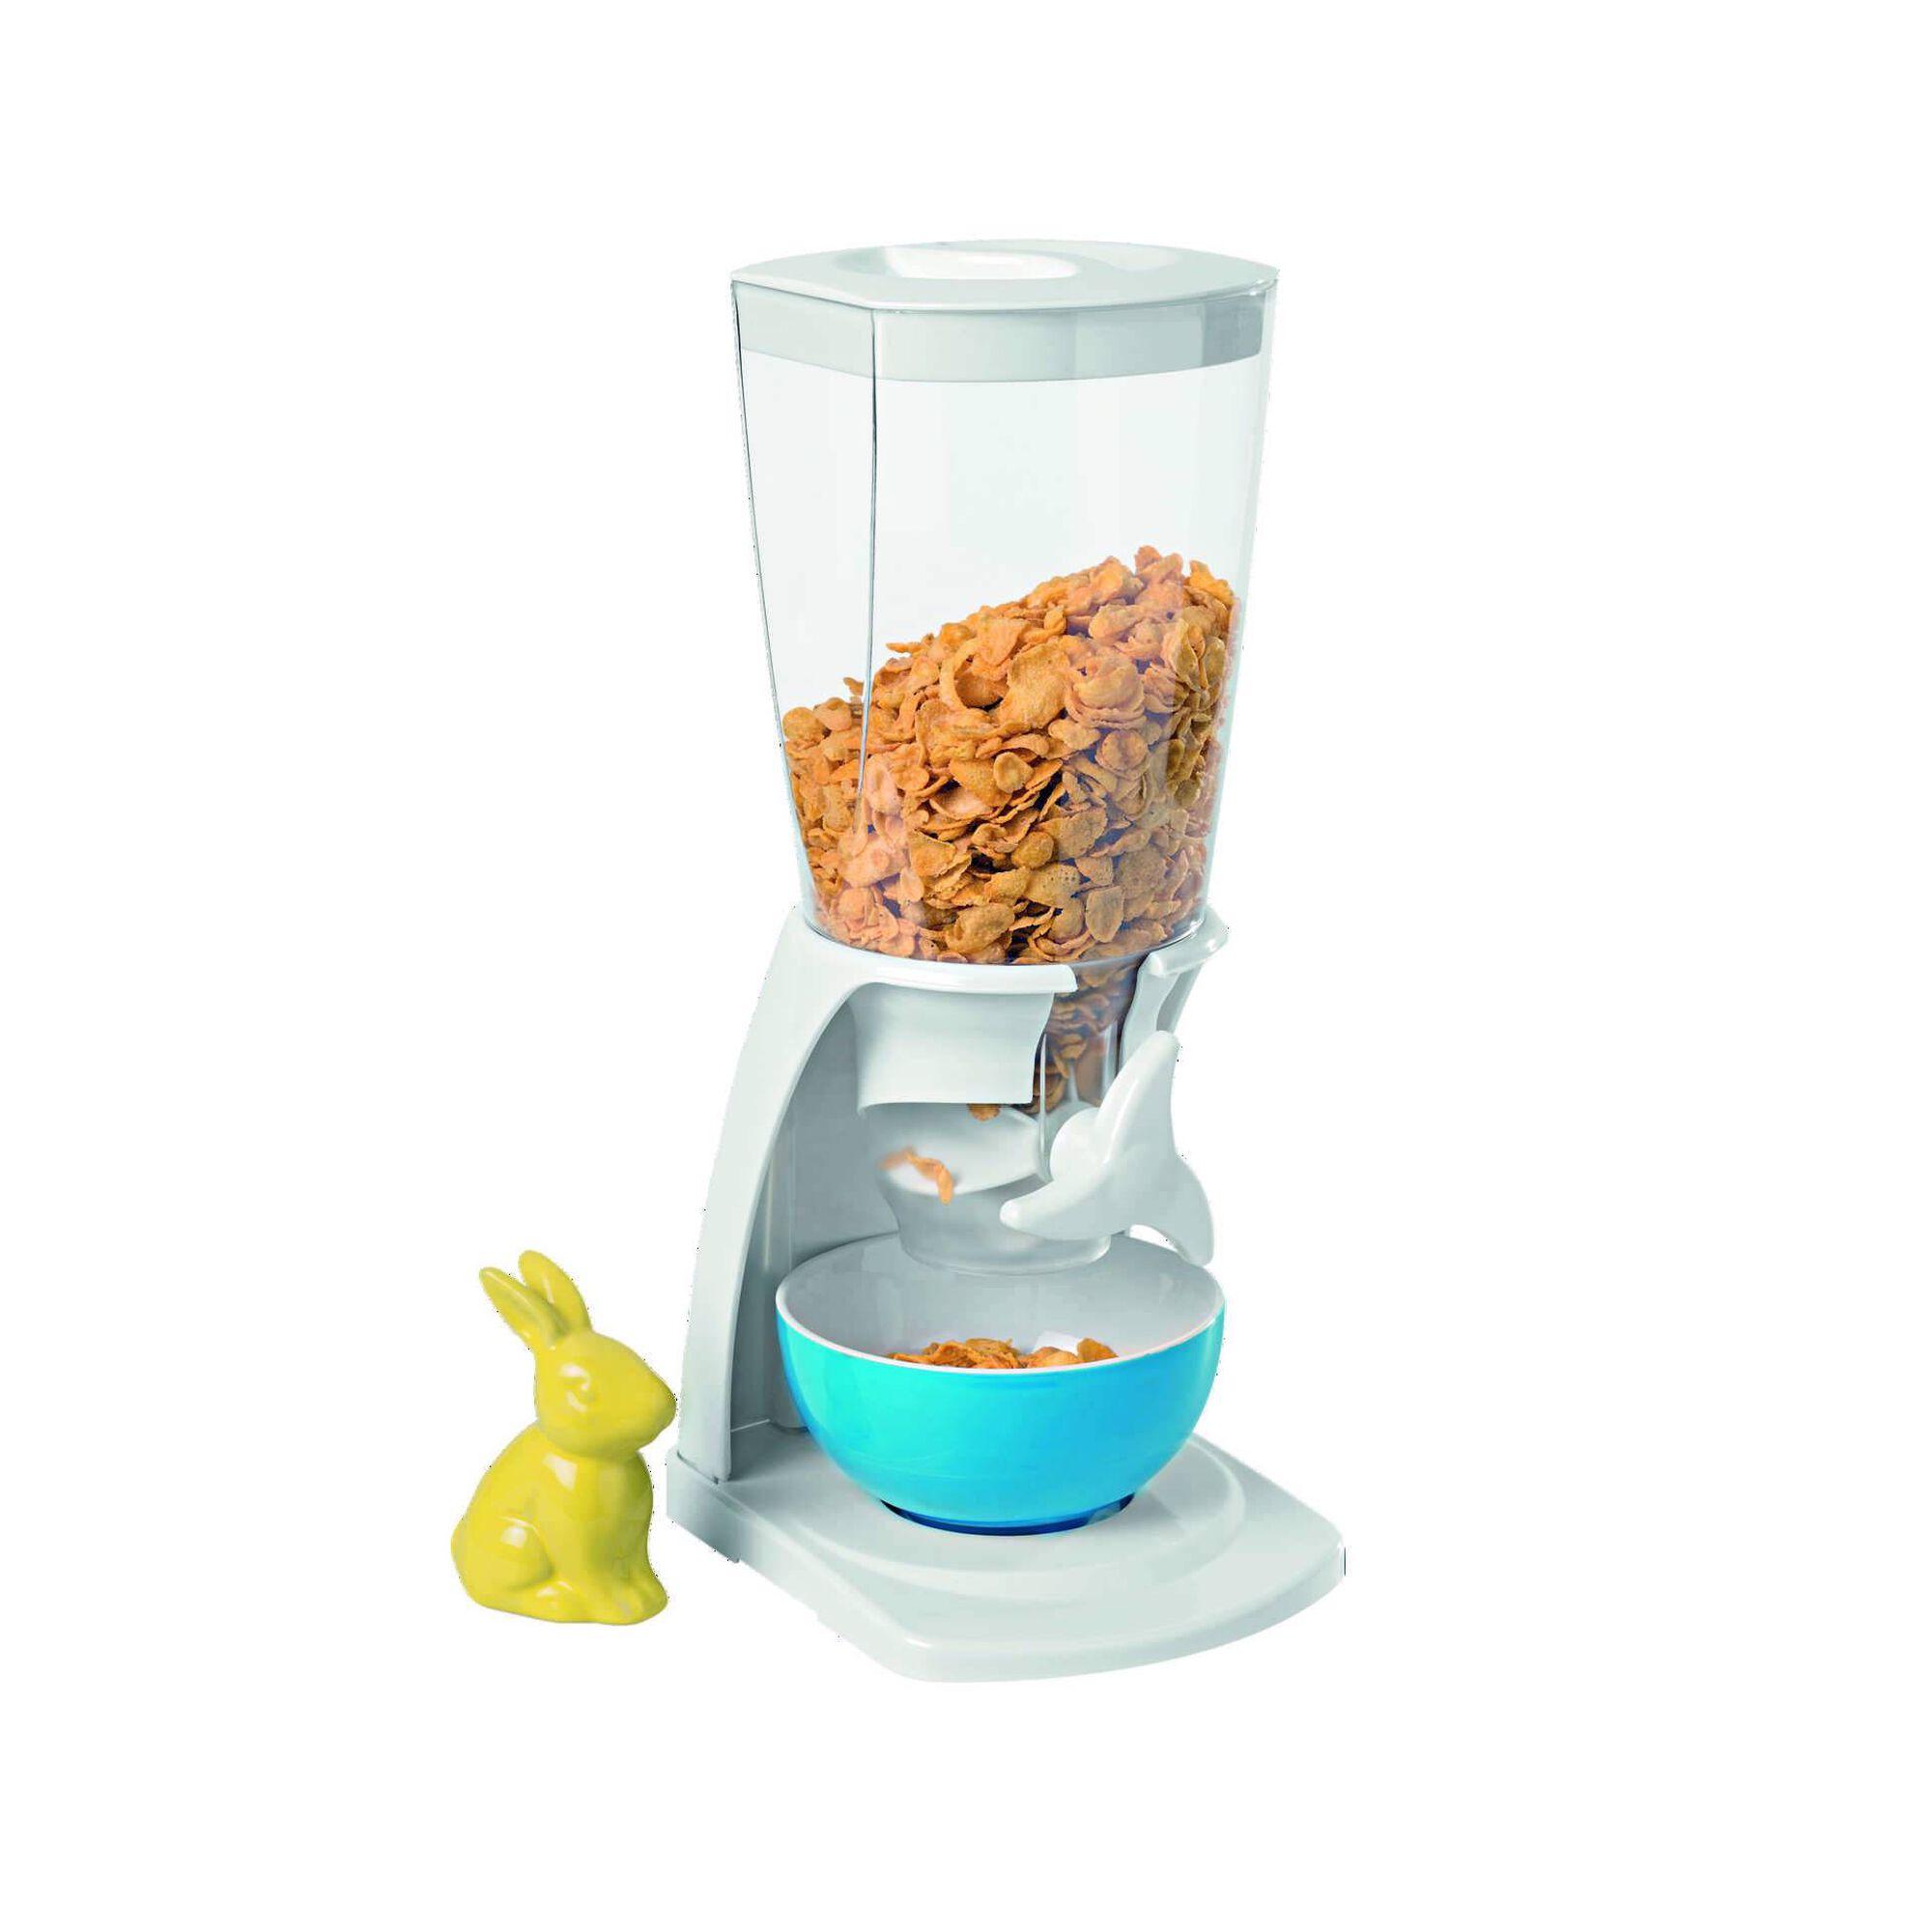 Dispensador Cereais Plástico 1,7L B&W (várias cores)